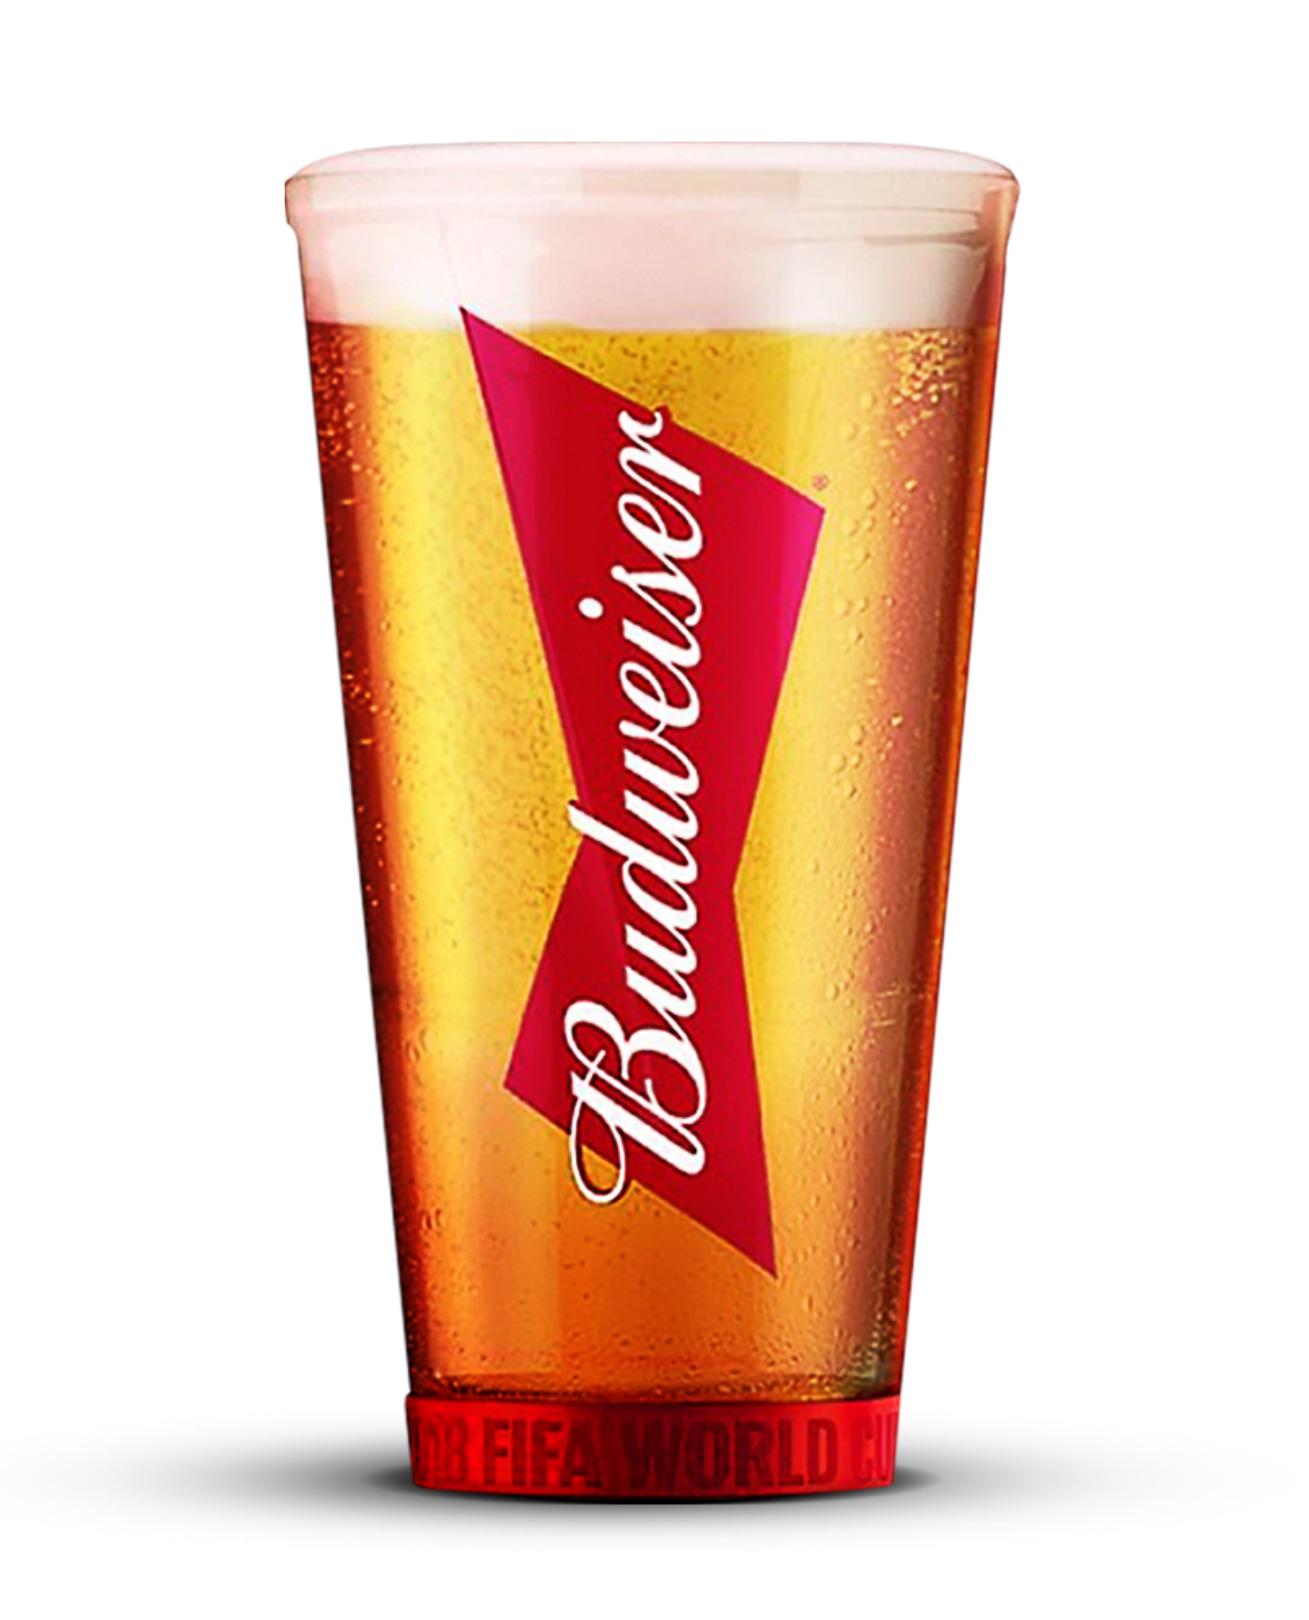 Red Light Cup Budweiser